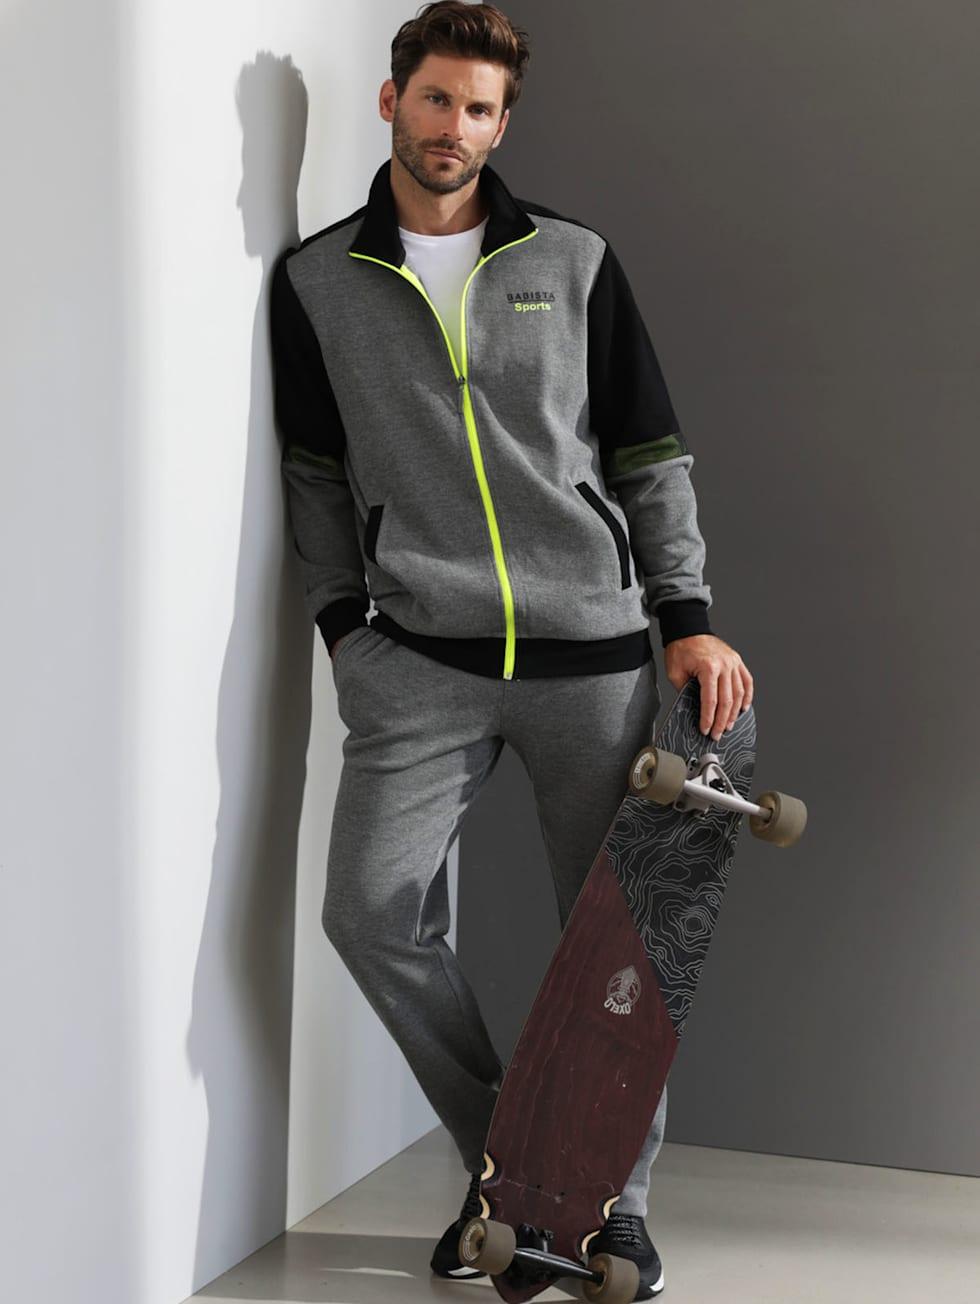 Sportivo-Outfit: Grau-schwarzer Freizeitanzug mit neongelben Details